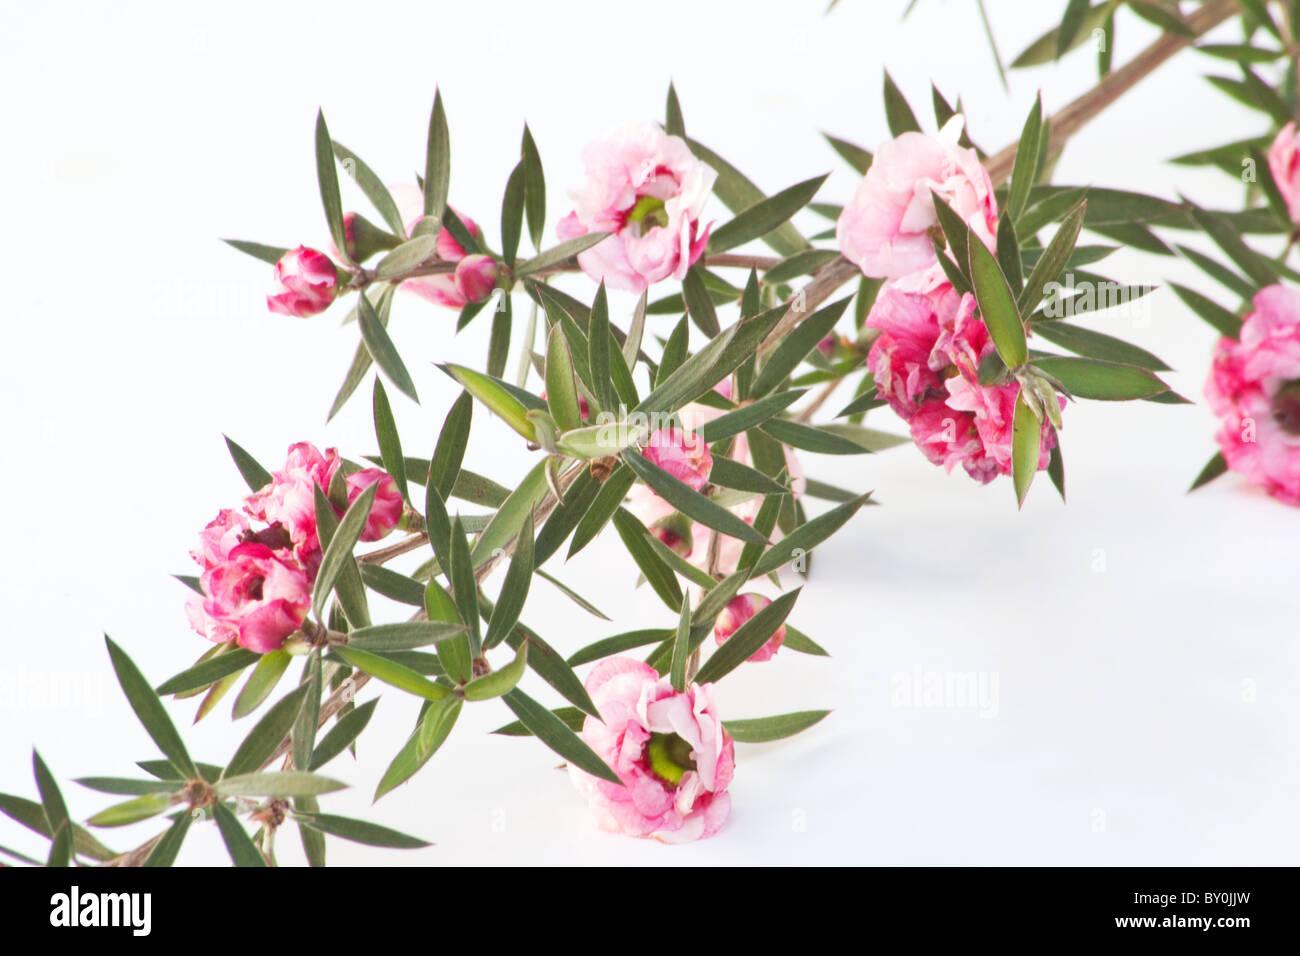 Nahaufnahme von Manuka (Leptospermum Scoparium) Blumen auf weißem Hintergrund Stockbild